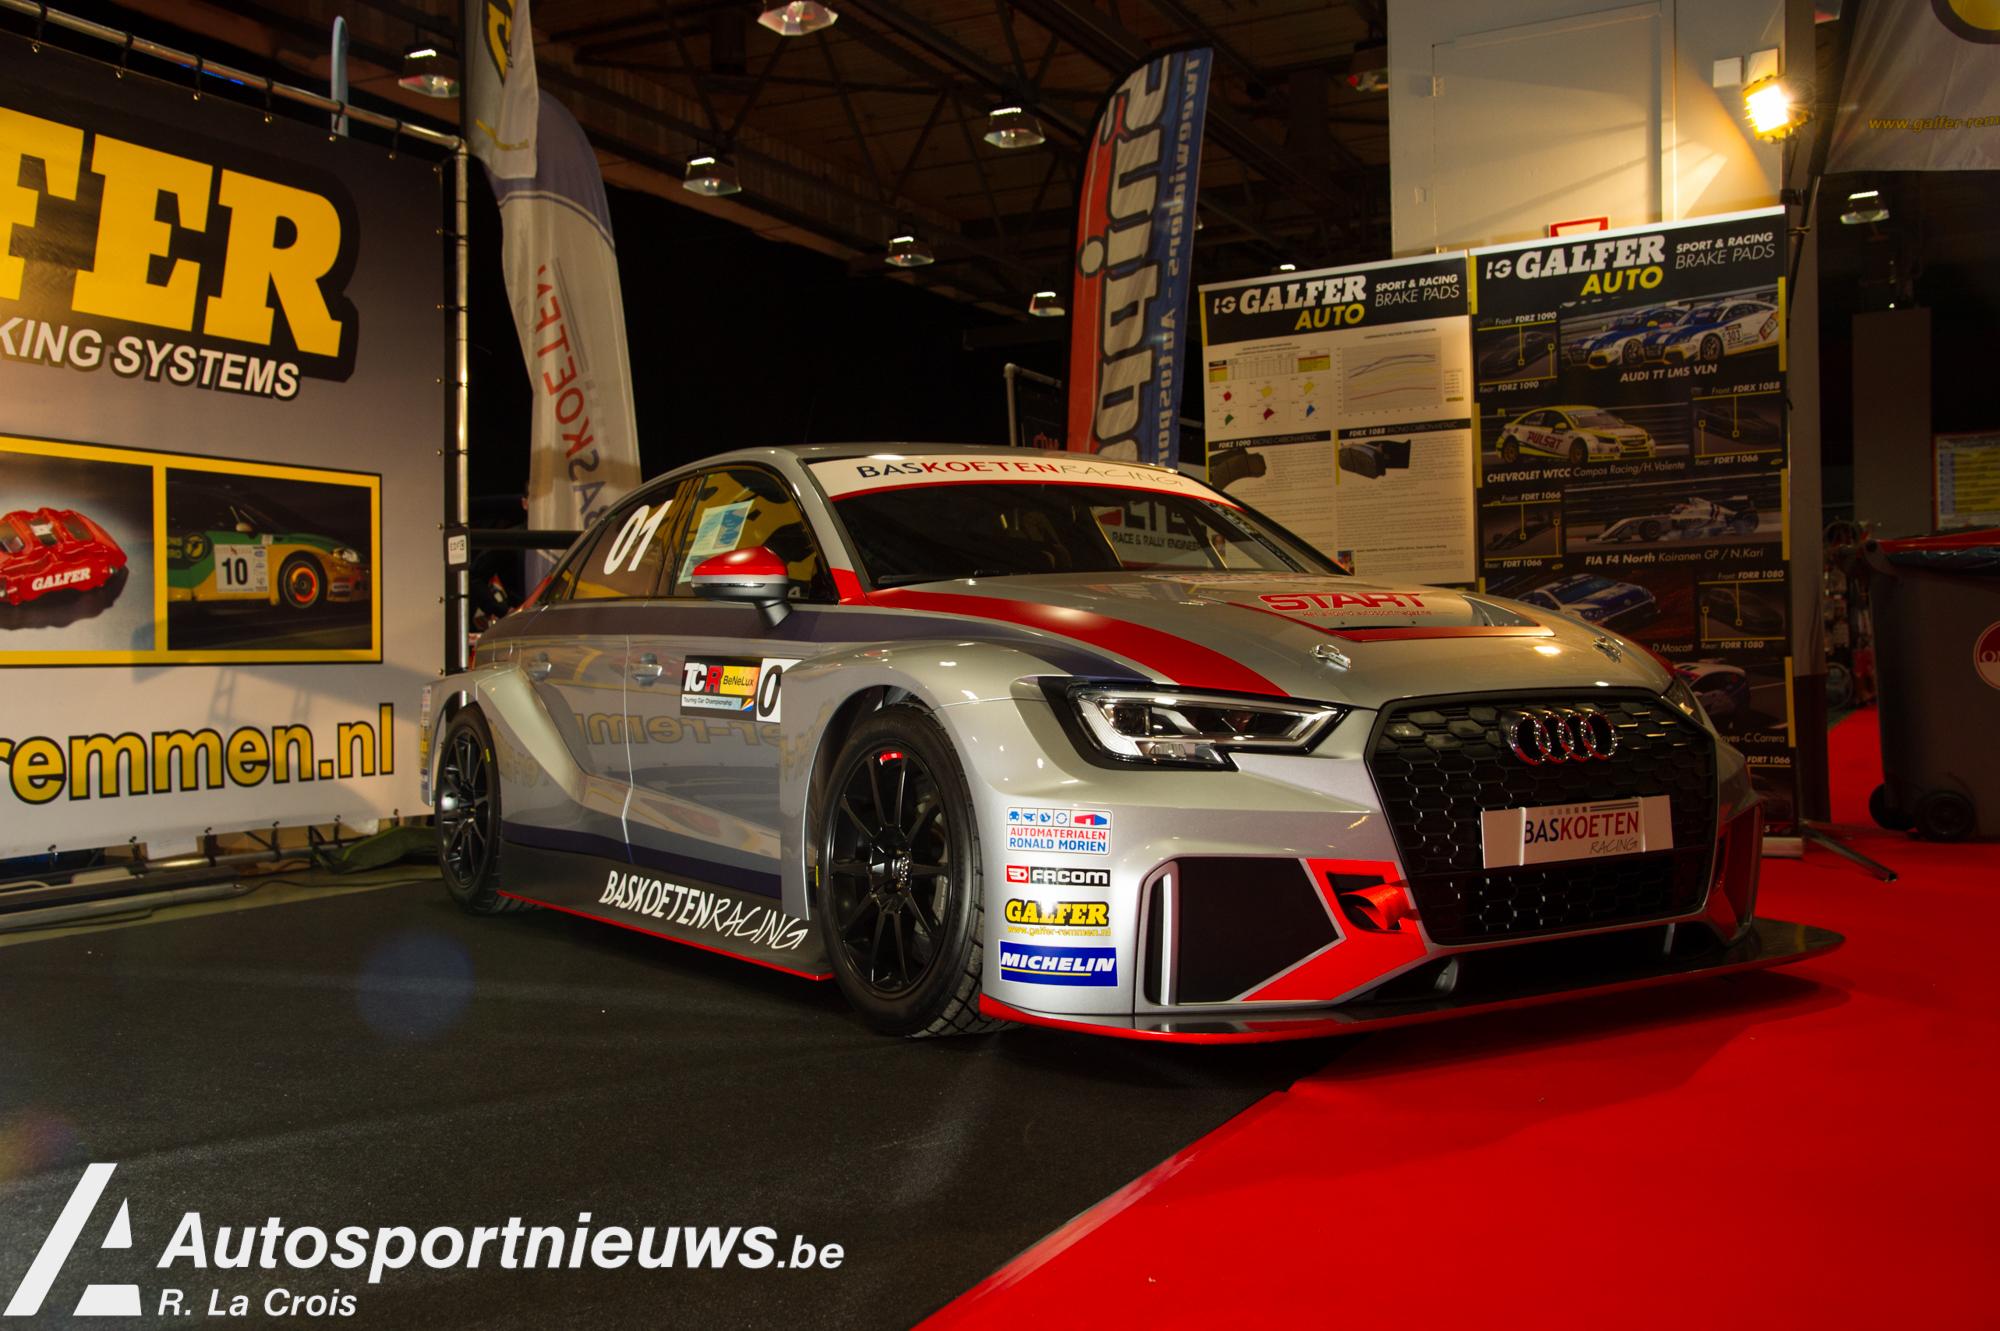 Album: Racing Expo Leeuwarden – R. la Crois